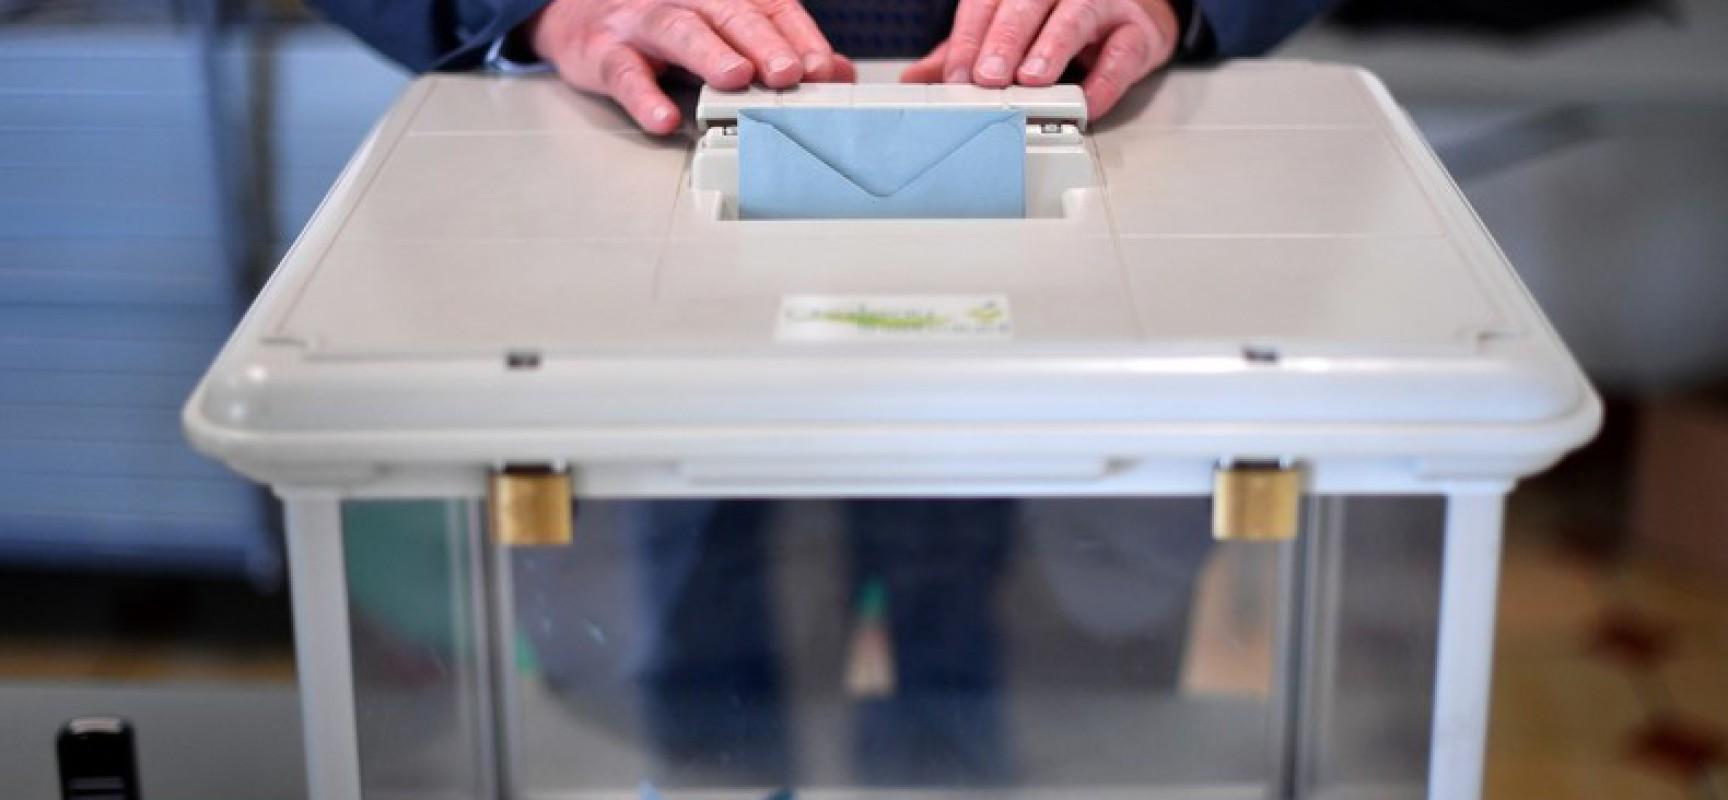 Les députés disent non à la prise en compte du vote blanc pour la présidentielle de 2022